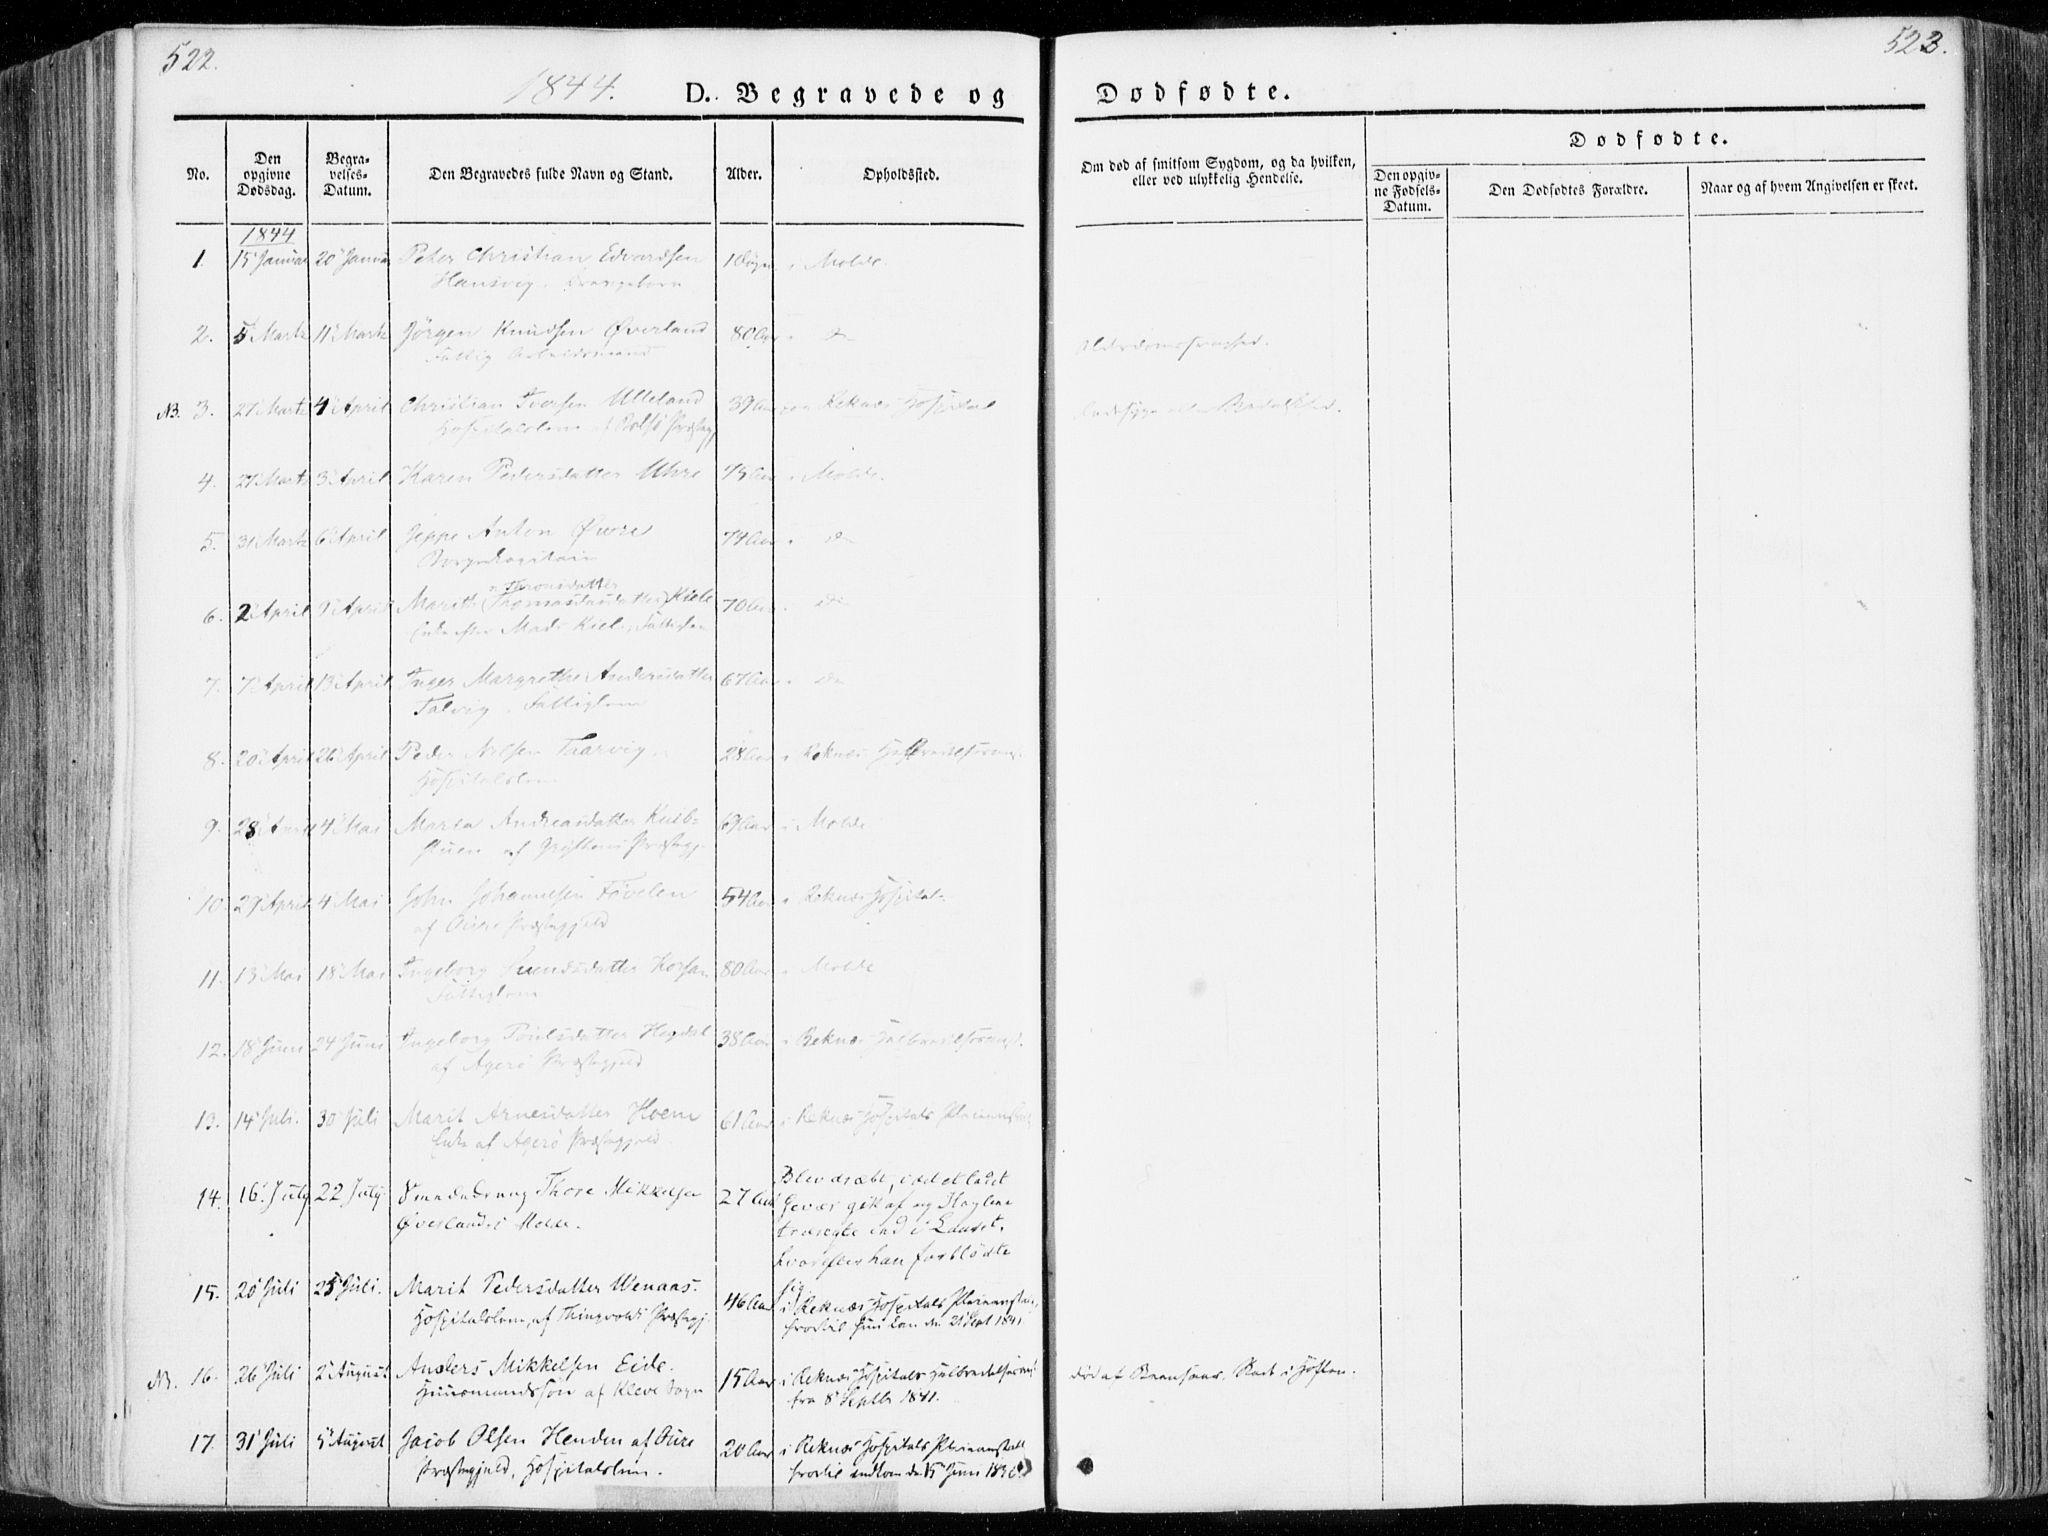 SAT, Ministerialprotokoller, klokkerbøker og fødselsregistre - Møre og Romsdal, 558/L0689: Parish register (official) no. 558A03, 1843-1872, p. 522-523